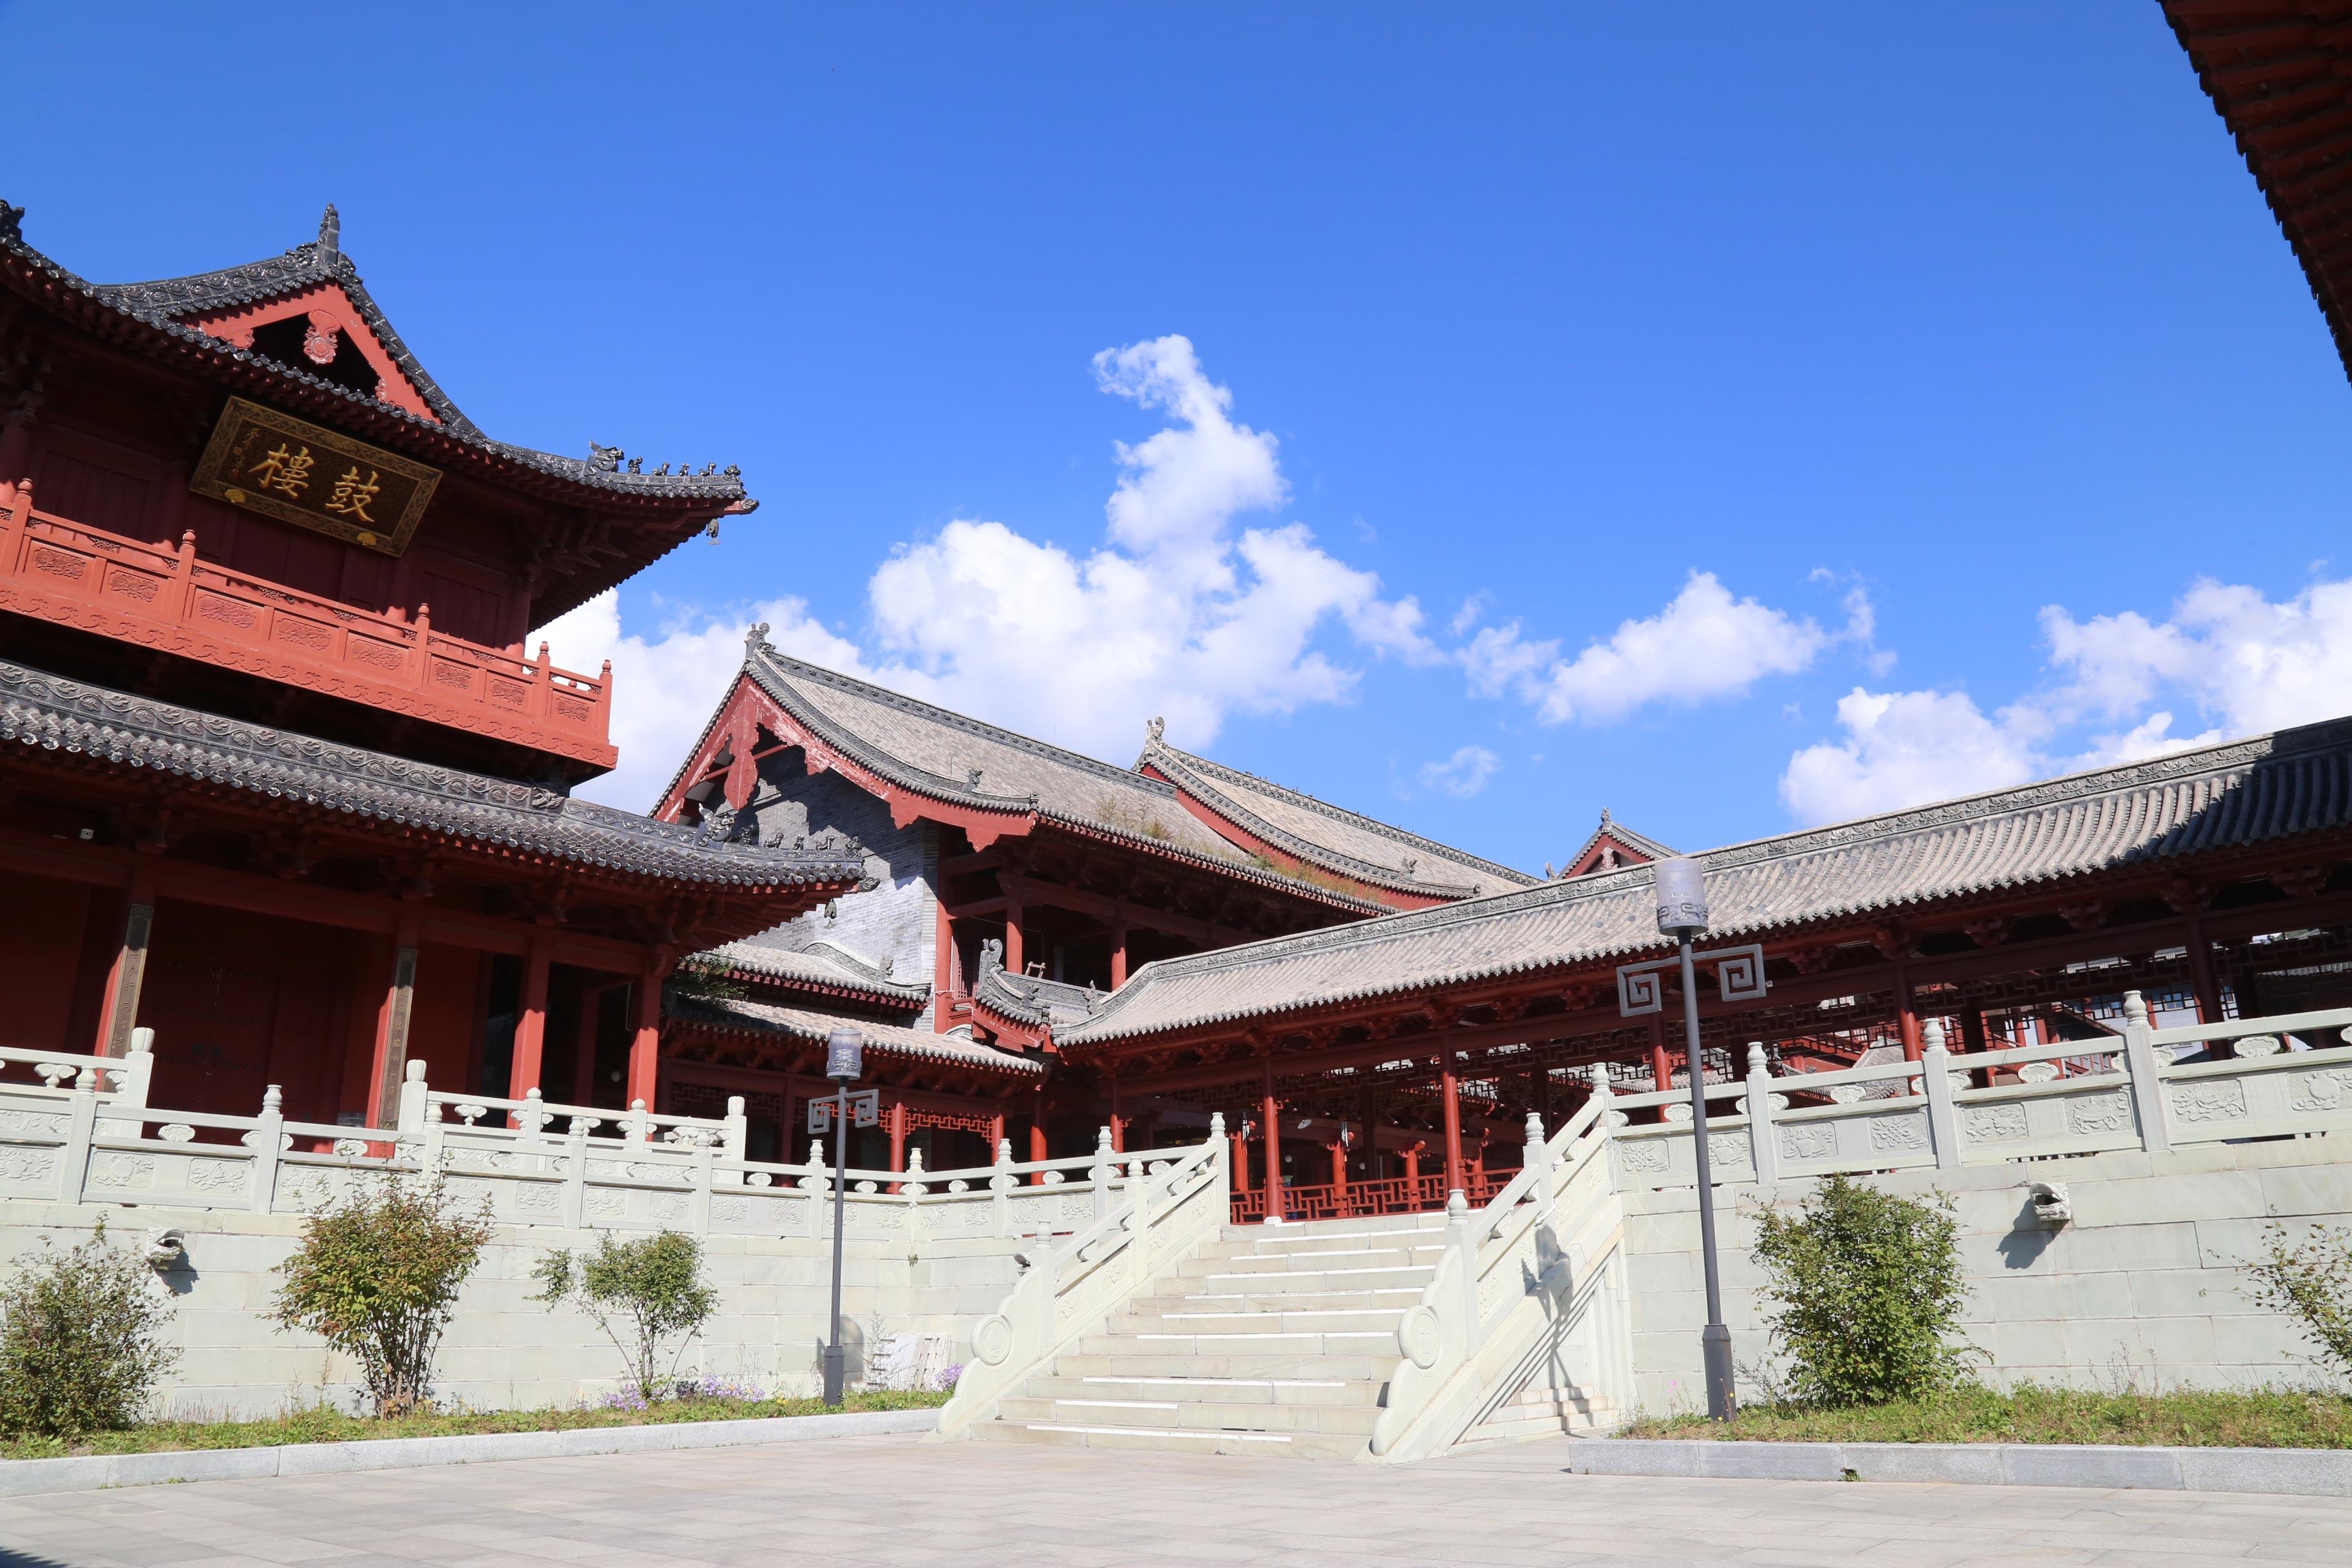 天津五台山2日巴士跟团游[赠祈福酥油灯]八大寺庙·拜五爷·登小朝台·祈福纳智·避霾圣地·明清古镇